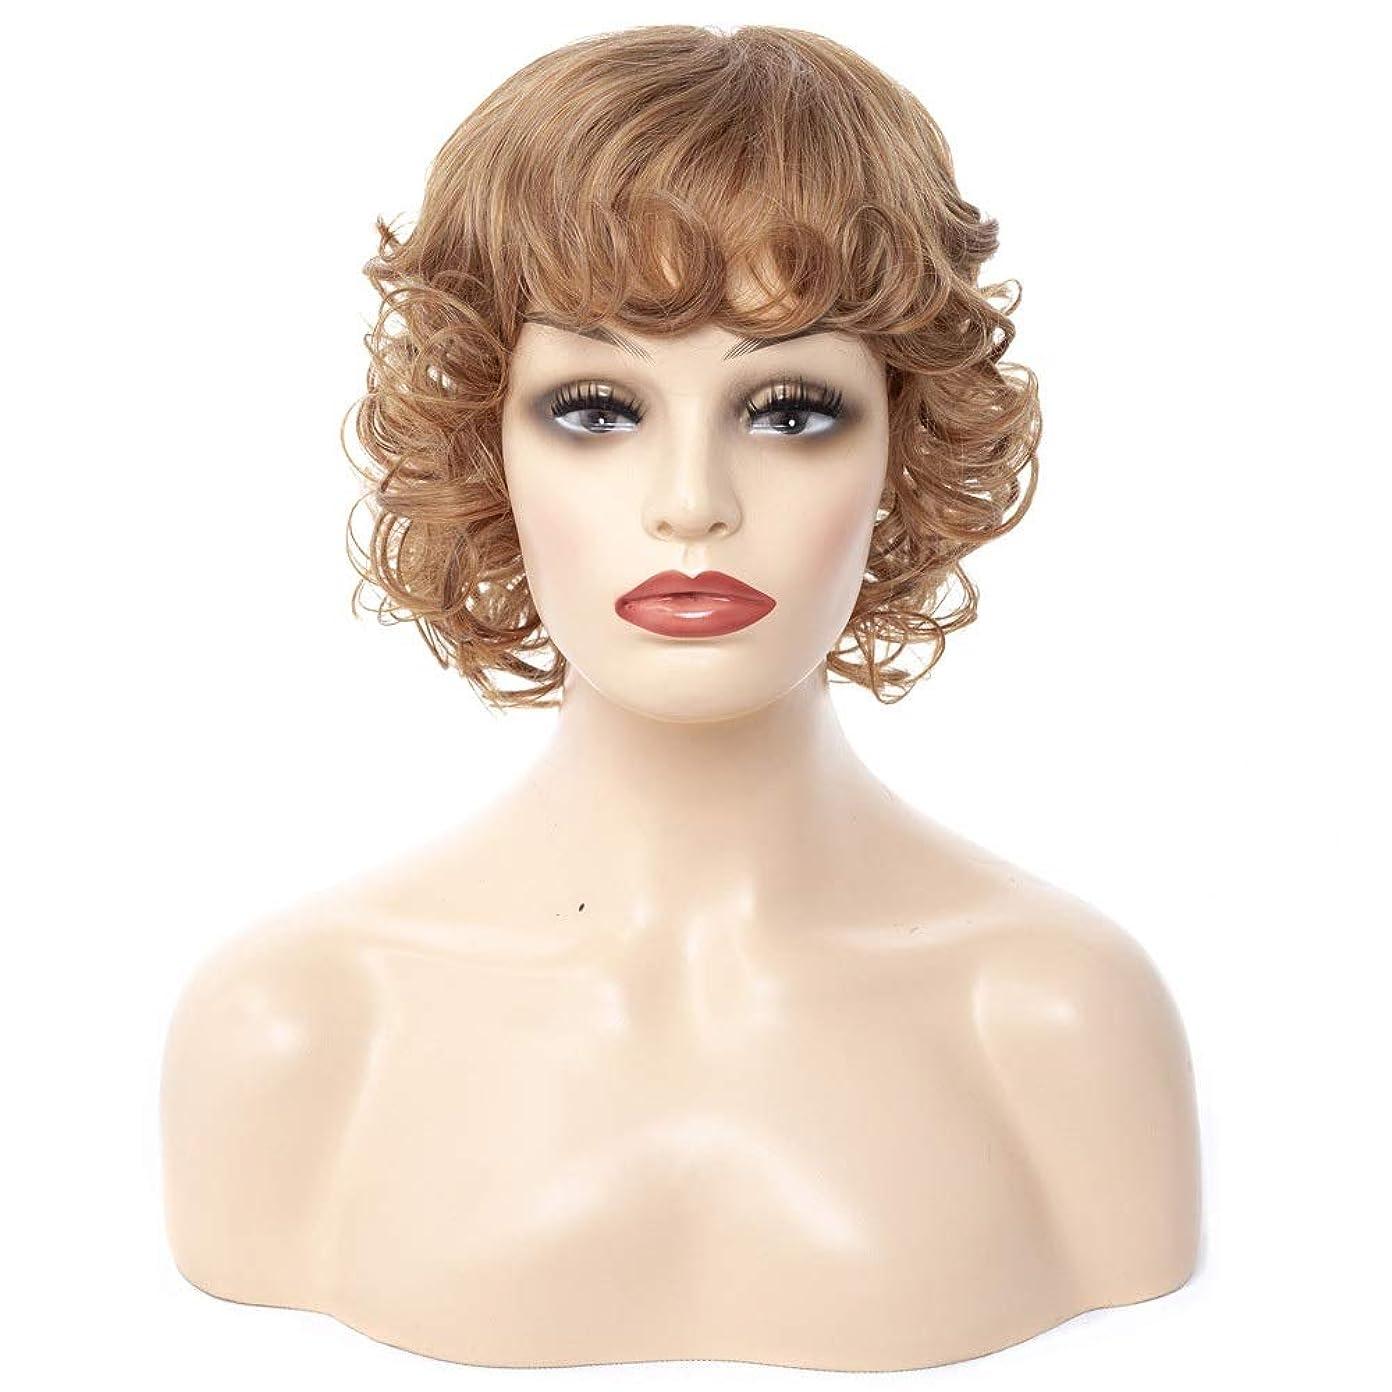 気づかない起きろ懐疑論BOBIDYEE 女性用ショートウィッグヘアスタイリングフルウェーブカーリーヘアブロンドレディースウィッグパーティーウィッグ (色 : Blonde, サイズ : 30cm)